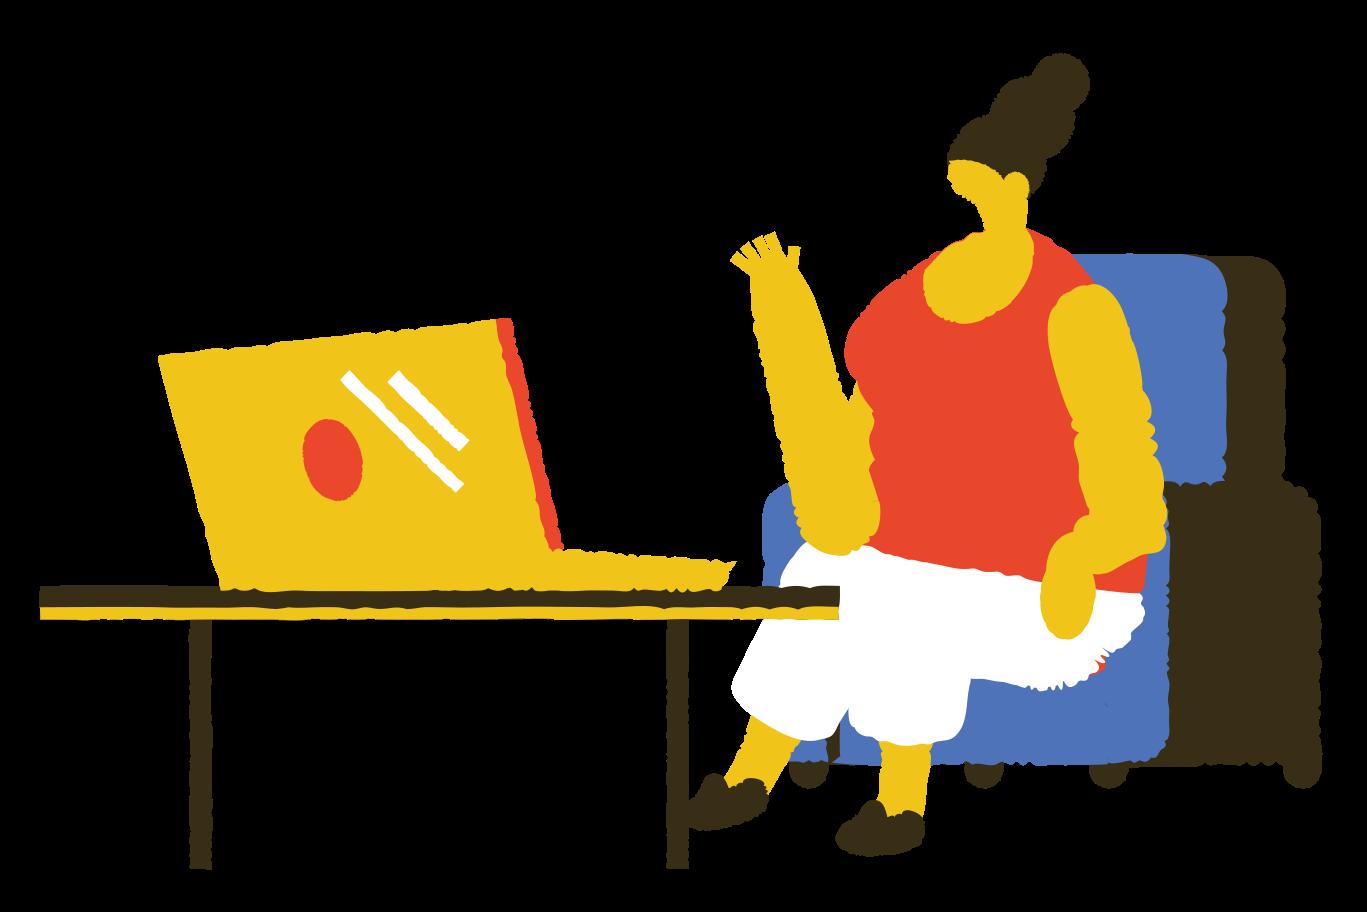 Online communication Clipart illustration in PNG, SVG